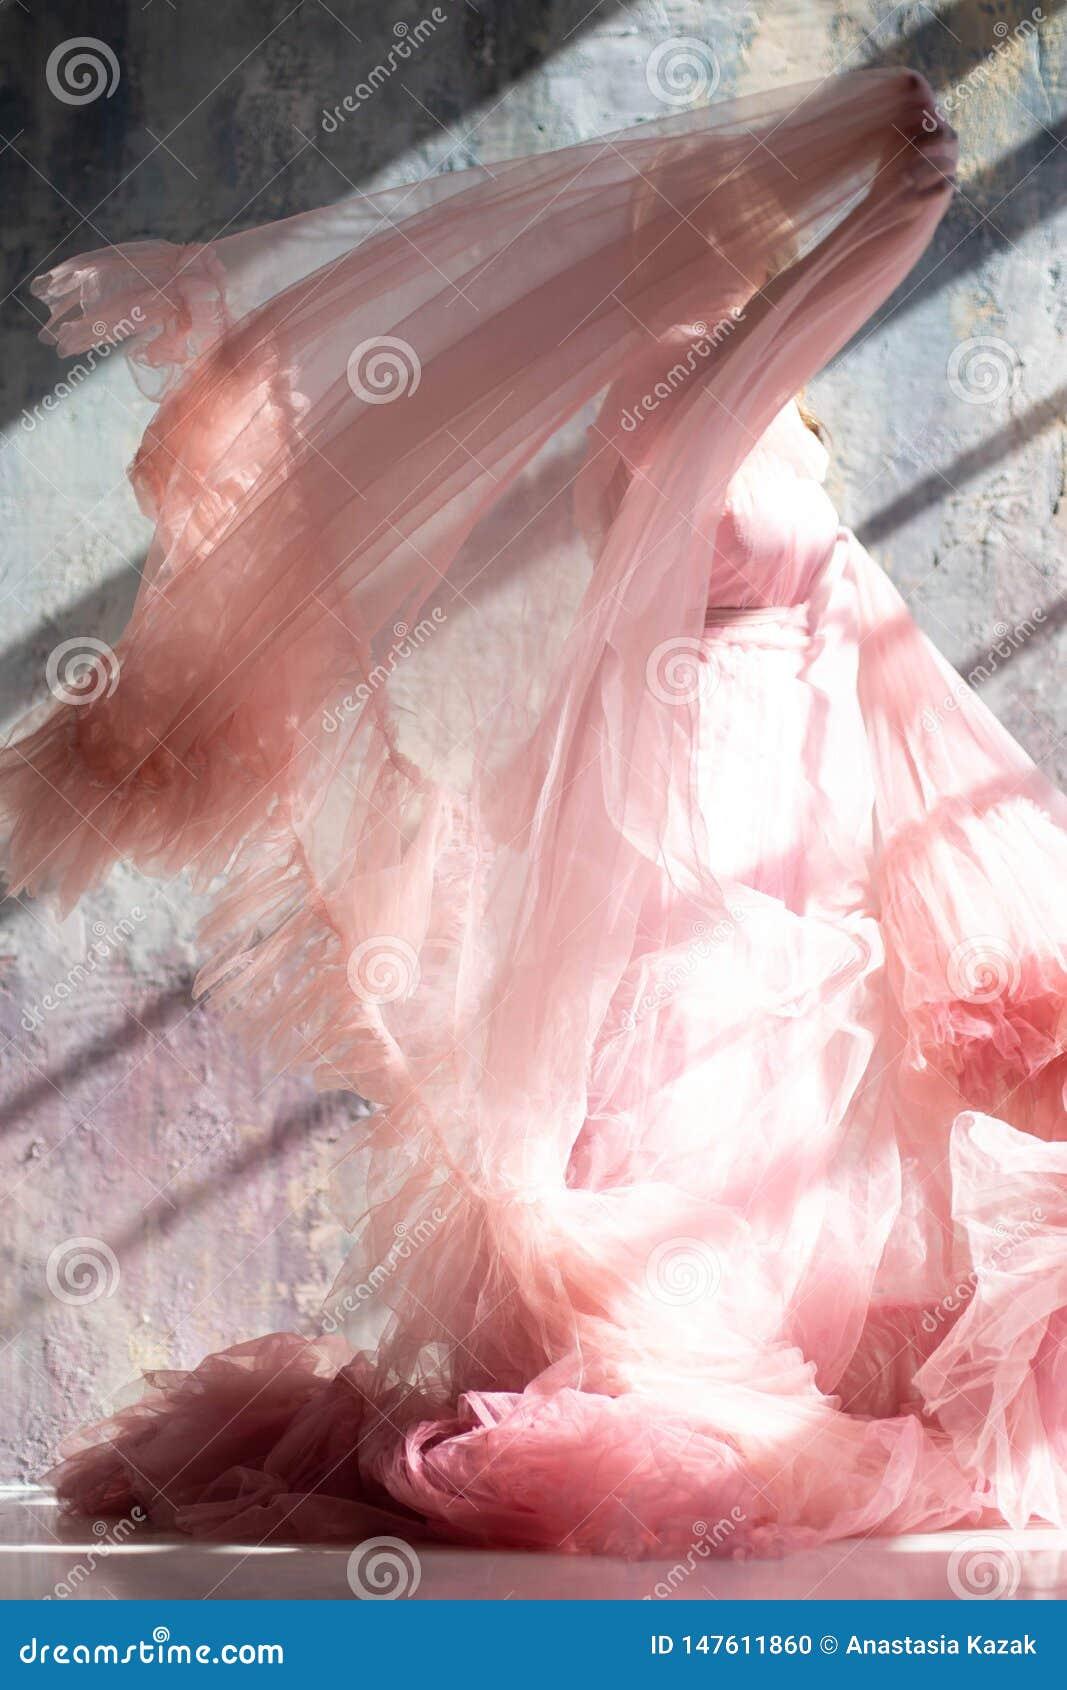 Robe rose de cygne, moment gelé